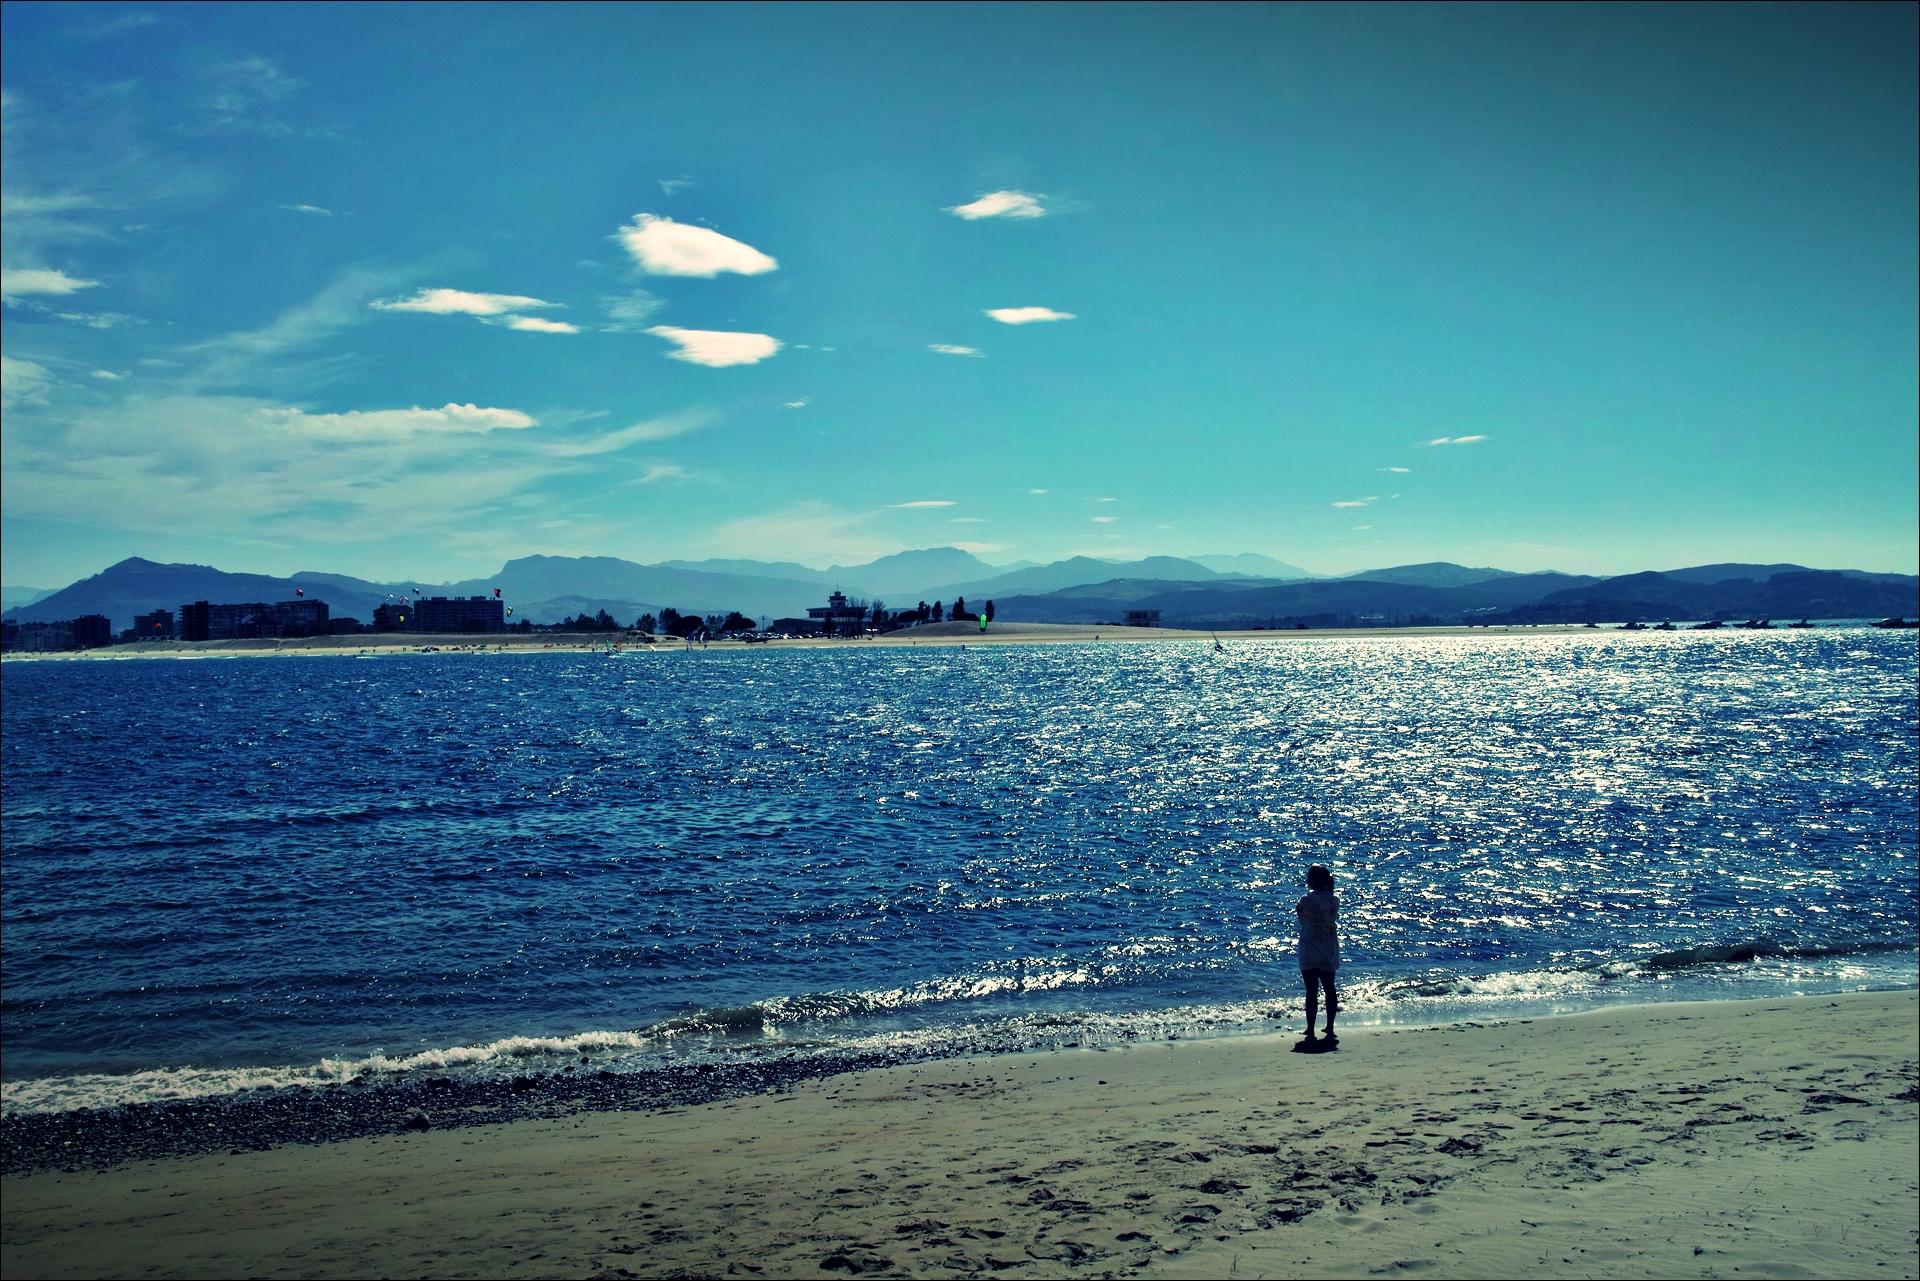 해변-'카미노 데 산티아고 북쪽길. 리엔도에서 산토냐. (Camino del Norte - Liendo to Santoña) '